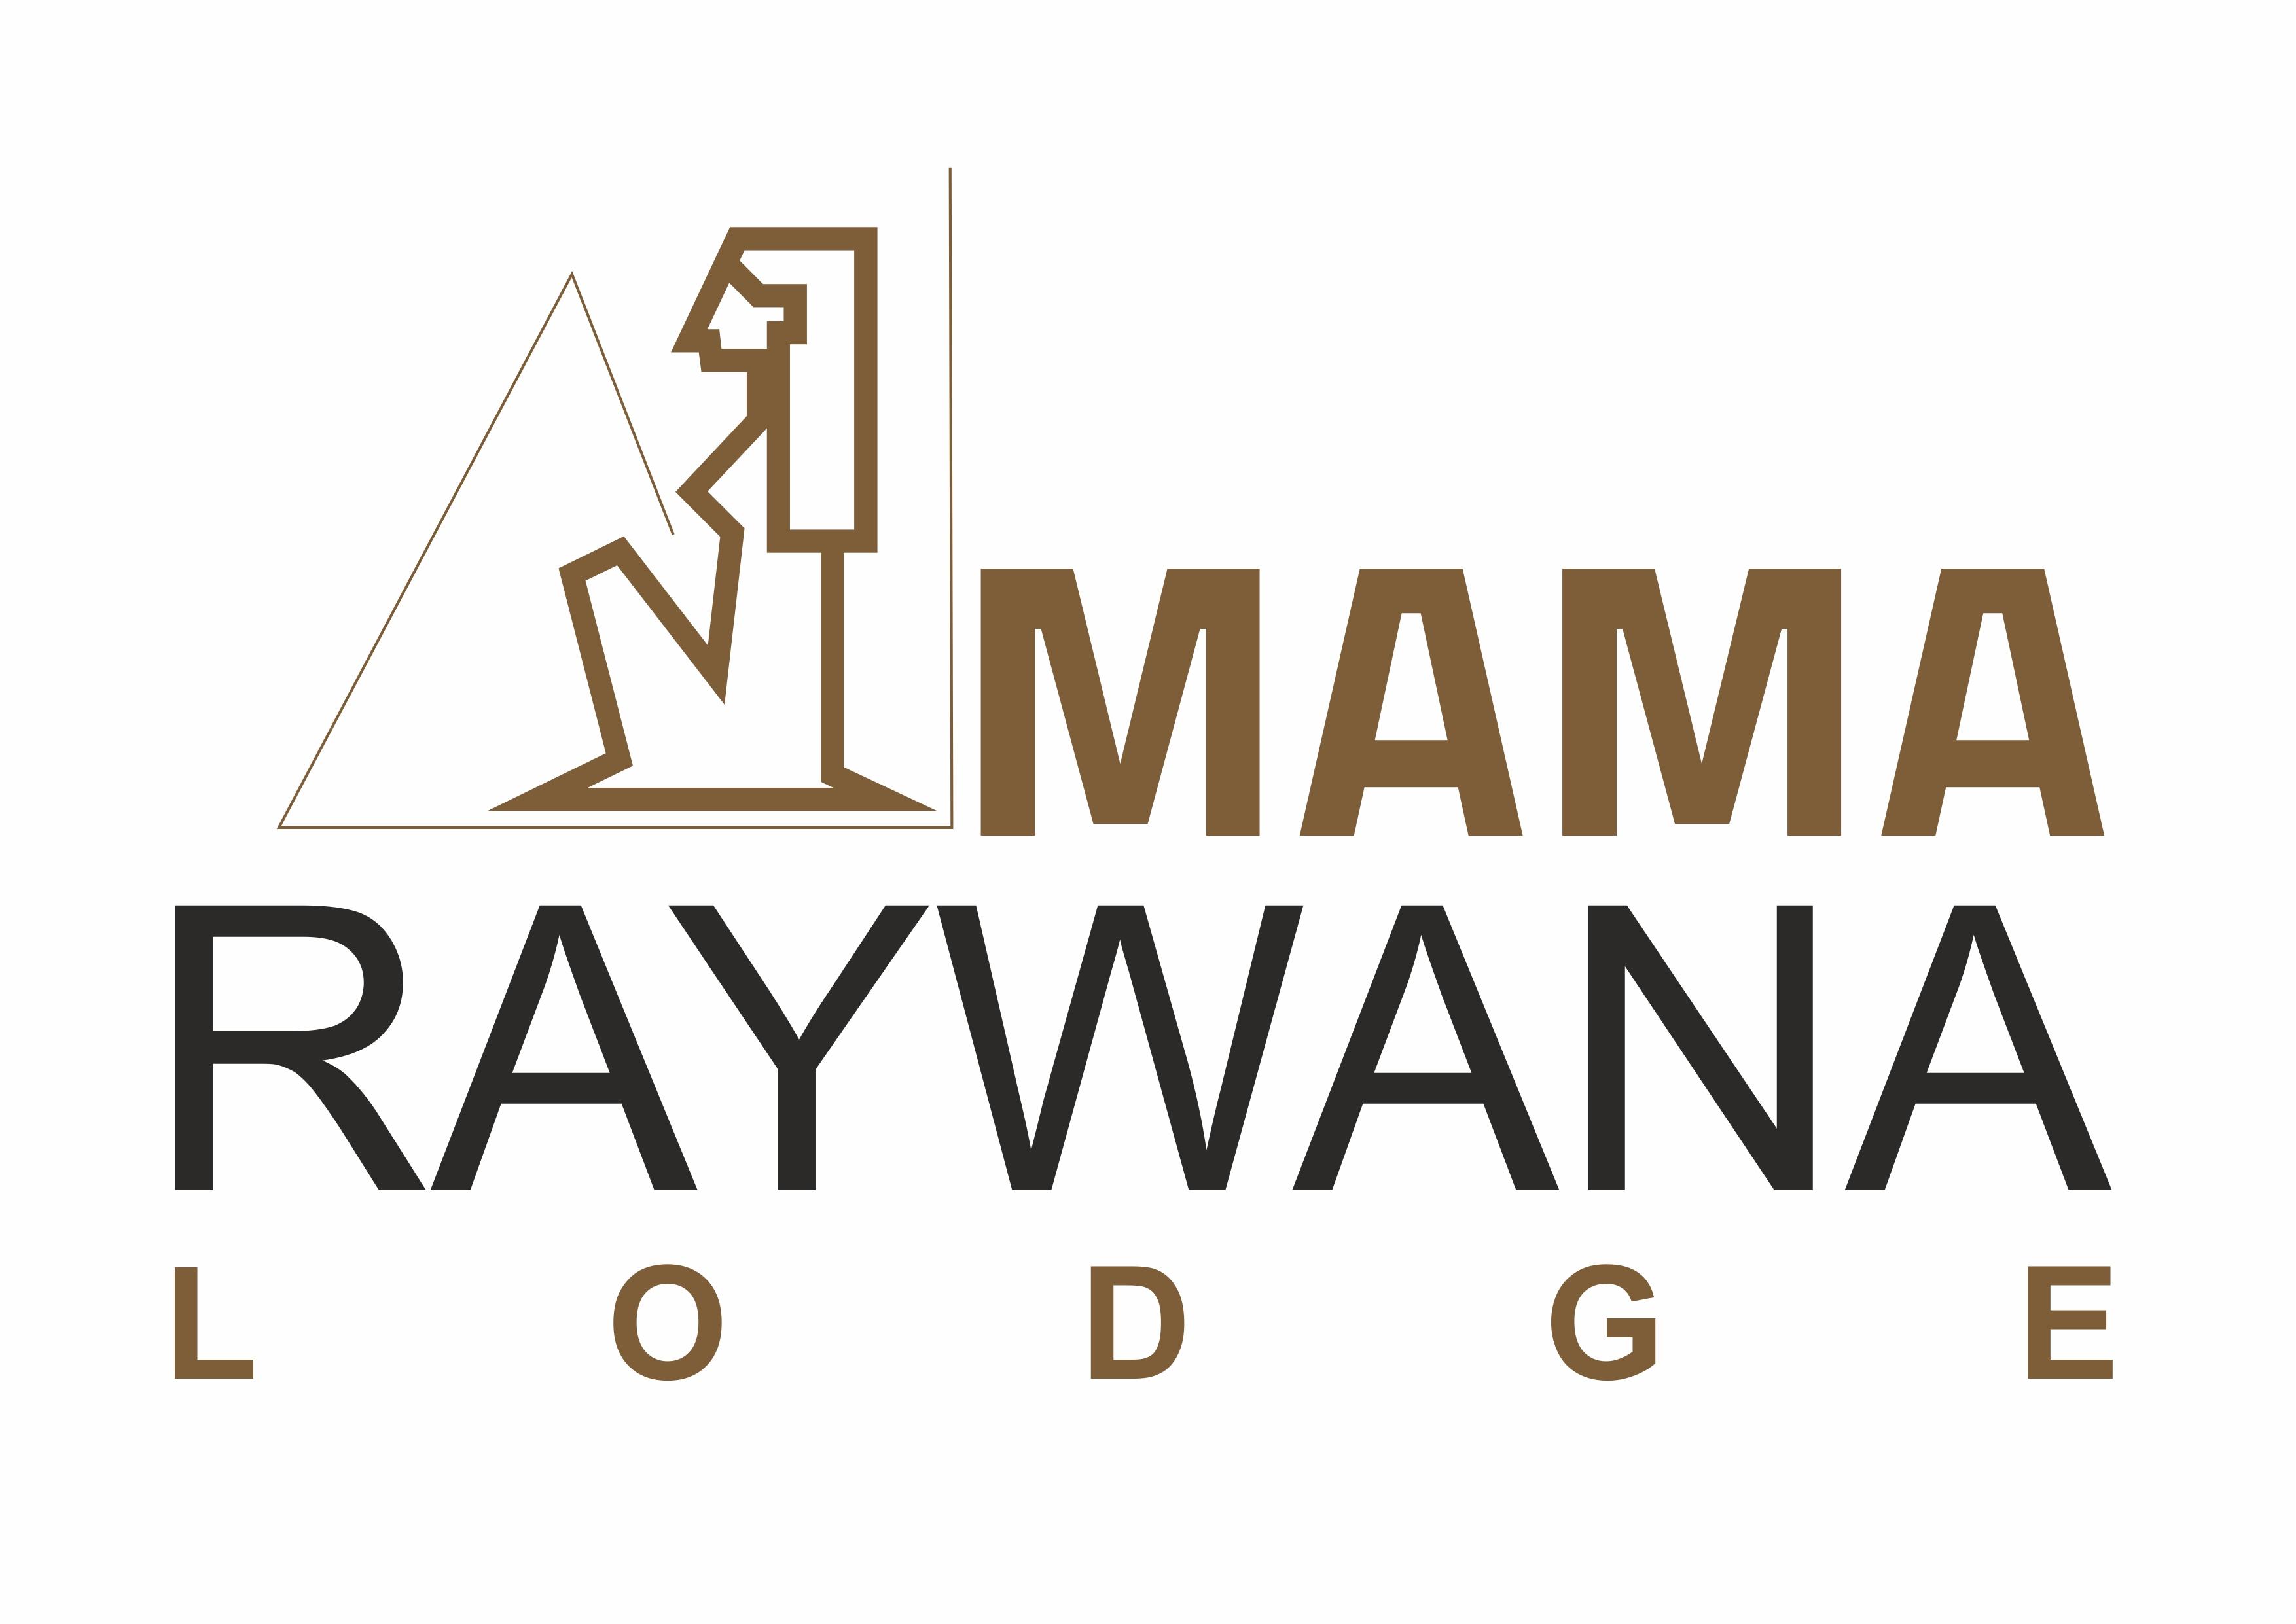 mamaraywana